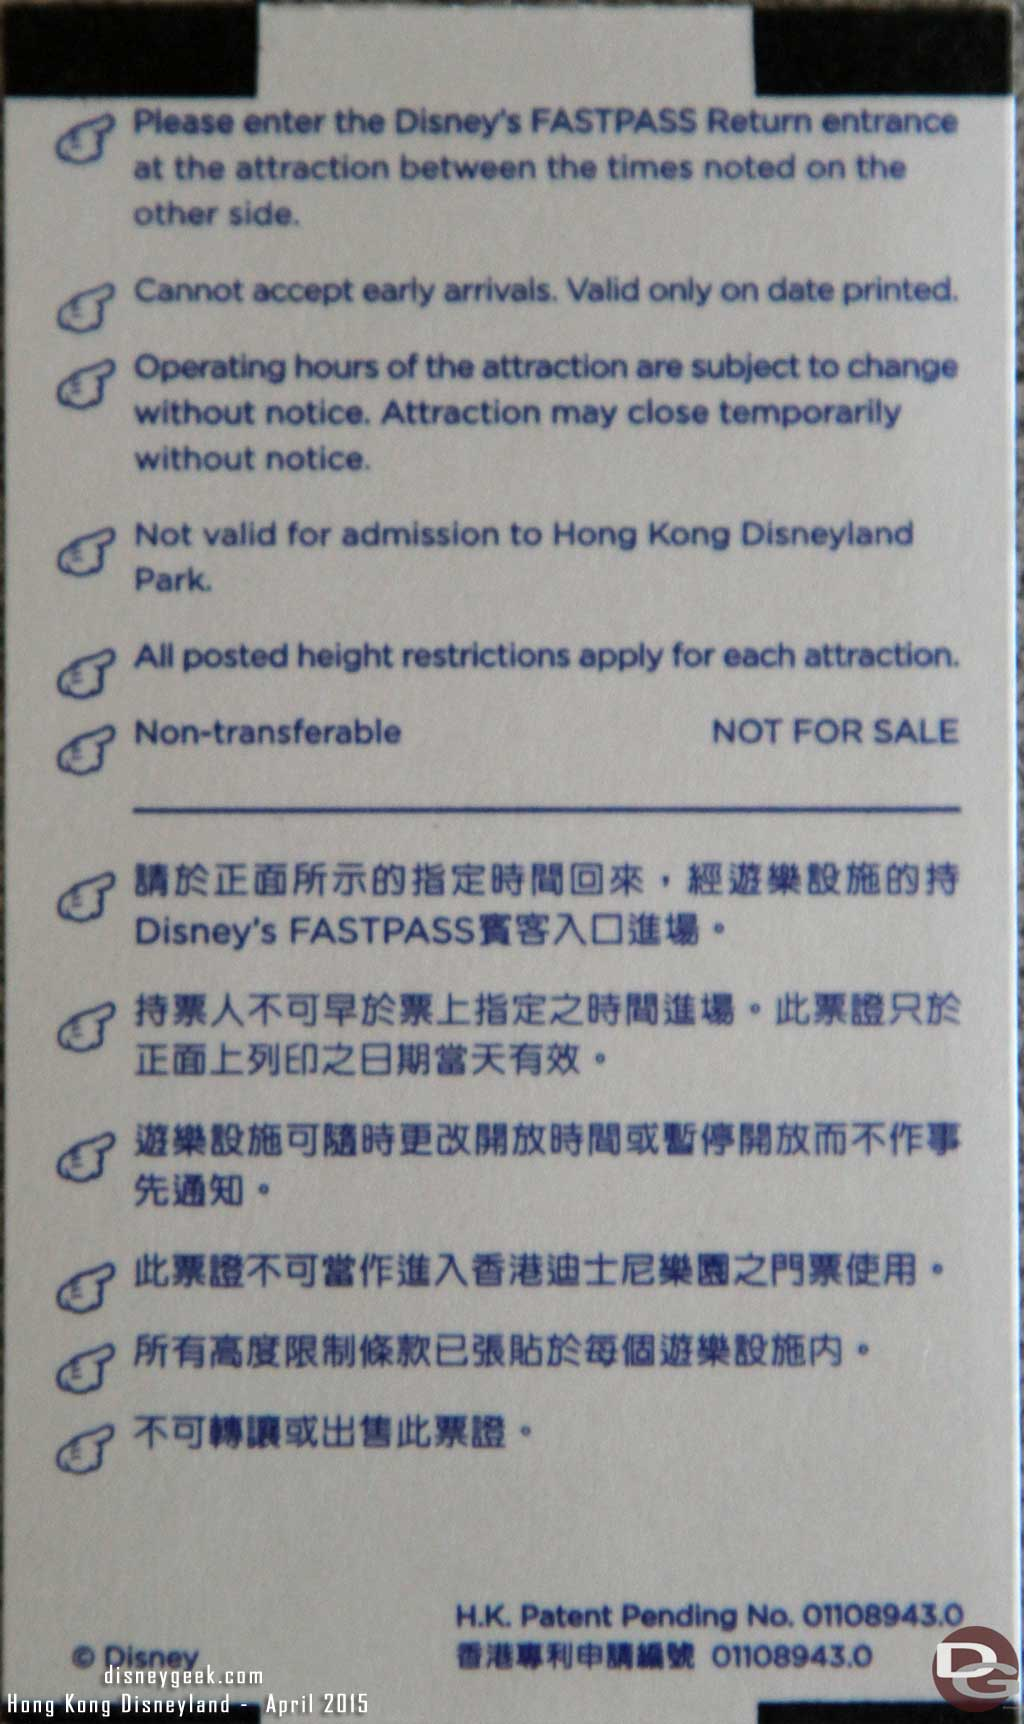 Hong Kong Dinseyland FastPass